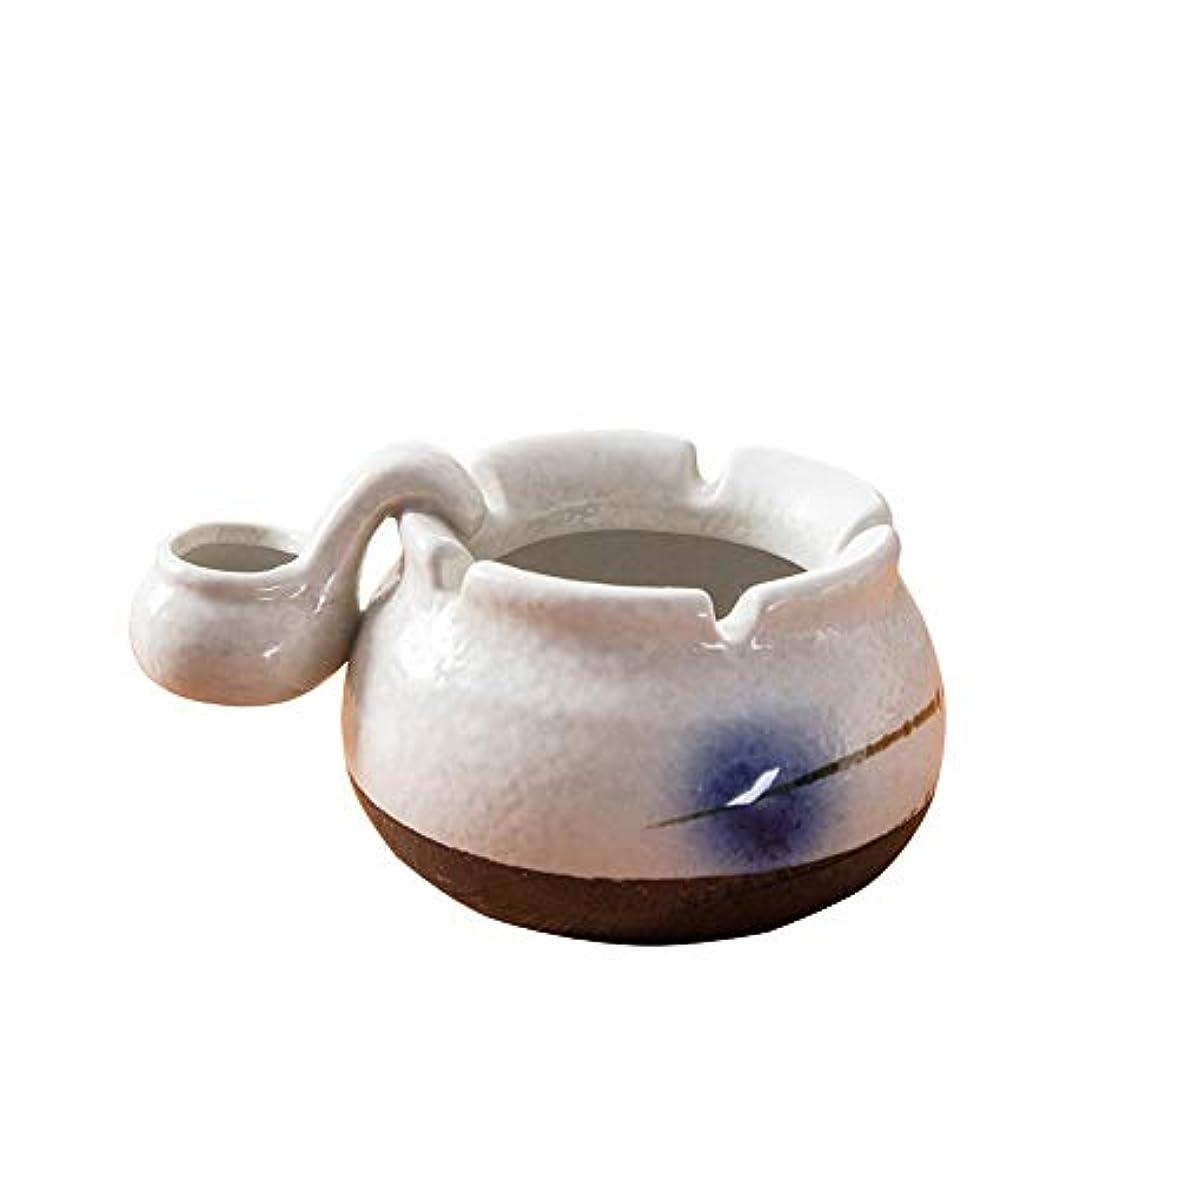 深いコークスビン屋内または屋外での使用、喫煙者用の灰ホルダー、ホームオフィスの装飾用のデスクトップ喫煙灰皿